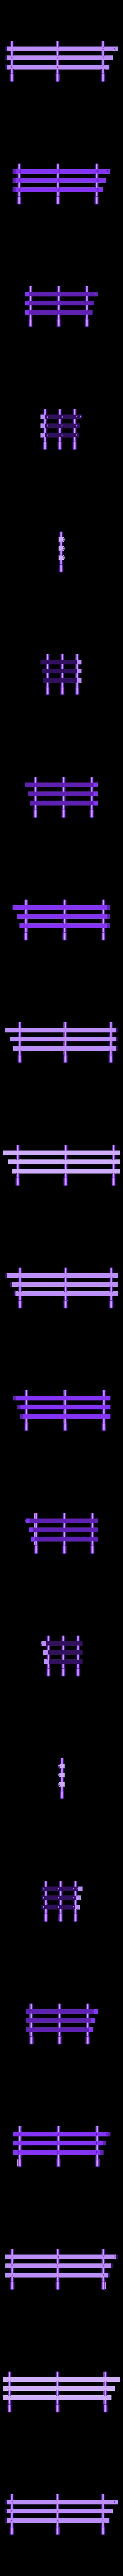 cage3stl.stl Télécharger fichier STL gratuit KustomWagon (en plusieurs pièces) • Objet imprimable en 3D, Savex